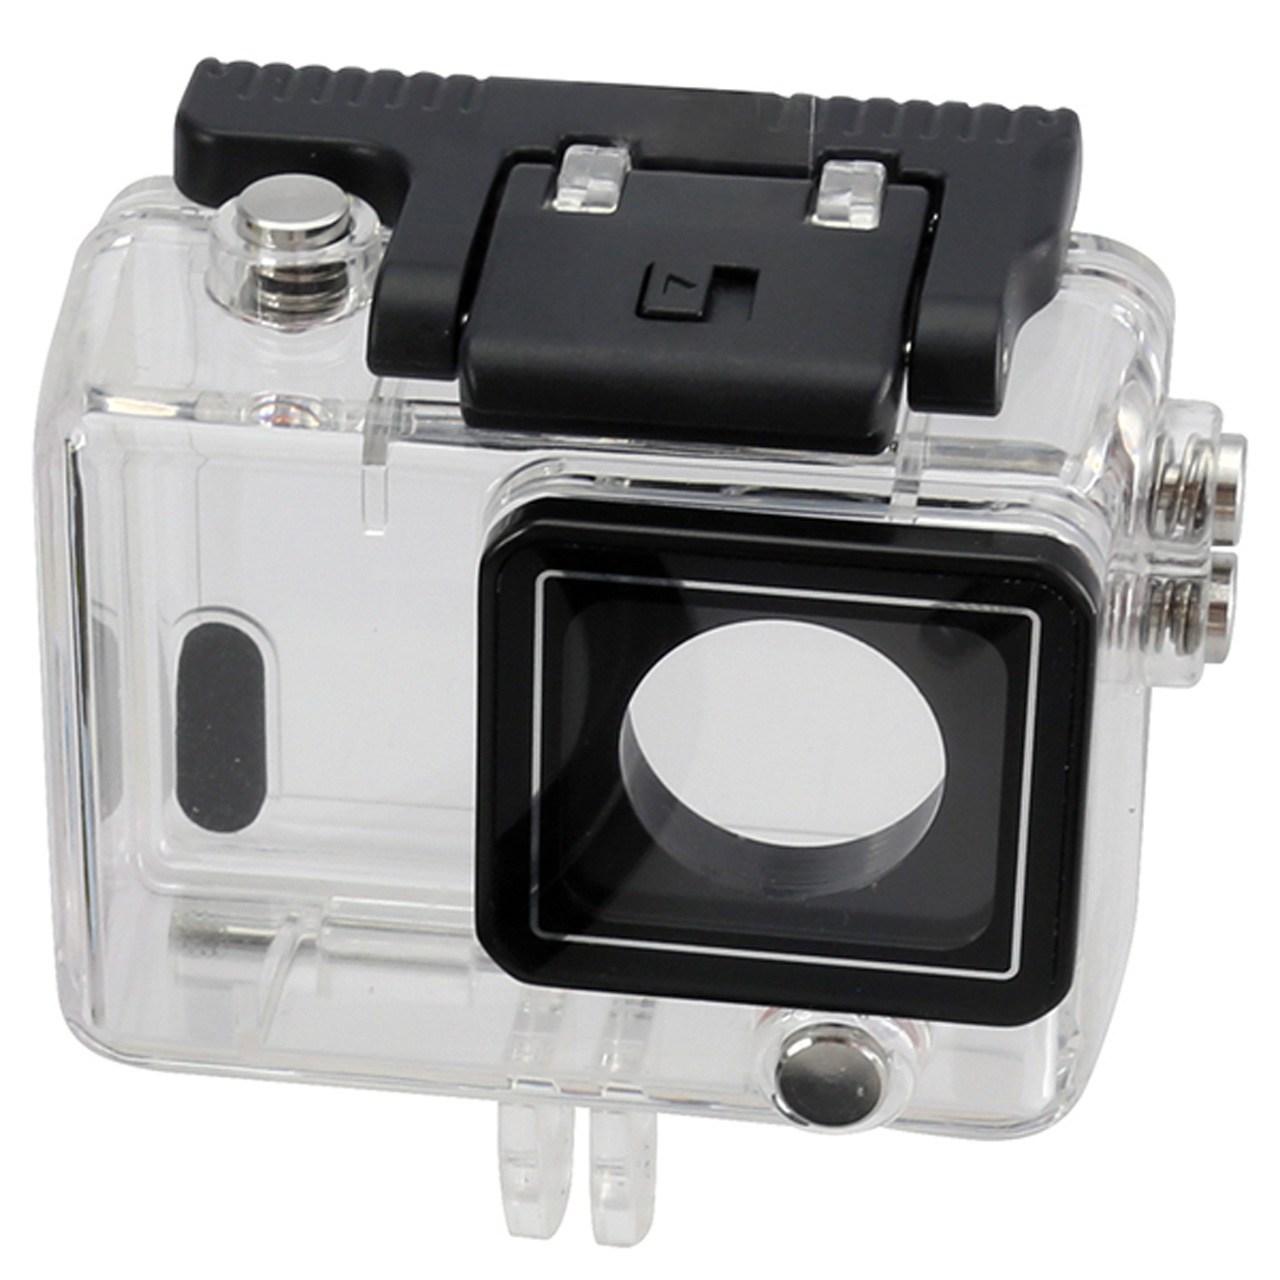 محافظ دوربین ورزشی Rollei مدل Underwater Case for Actioncam 420